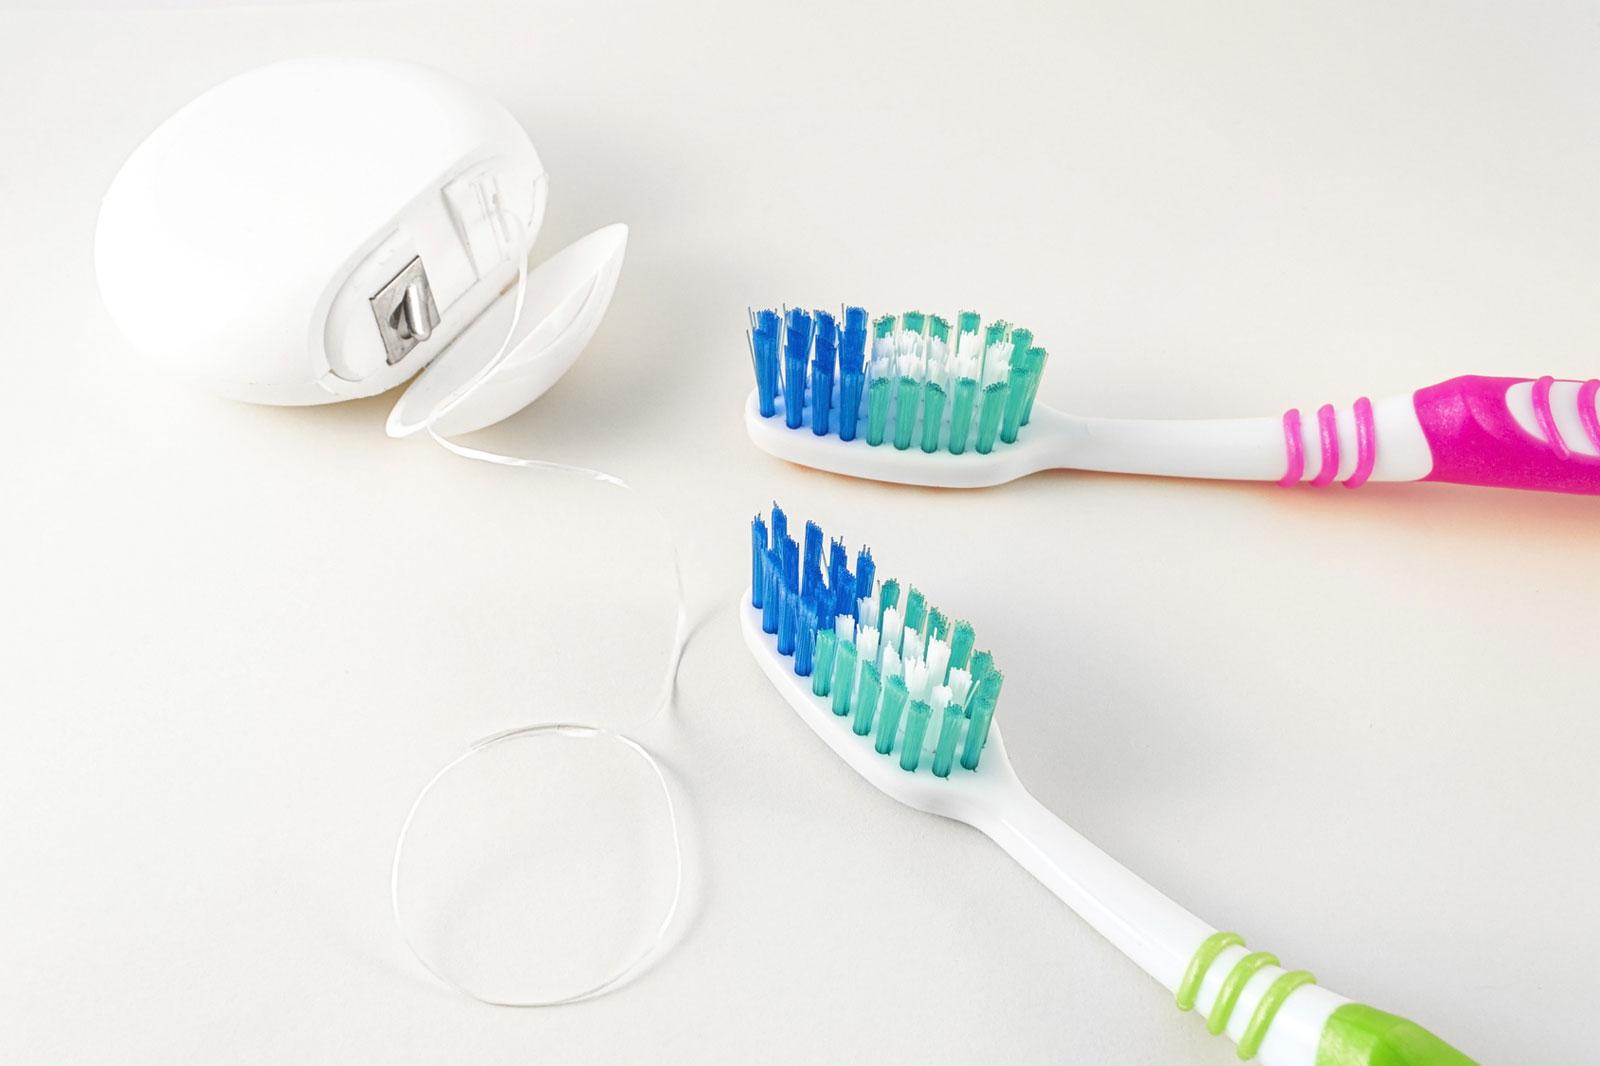 歯磨き指導とクリーニング